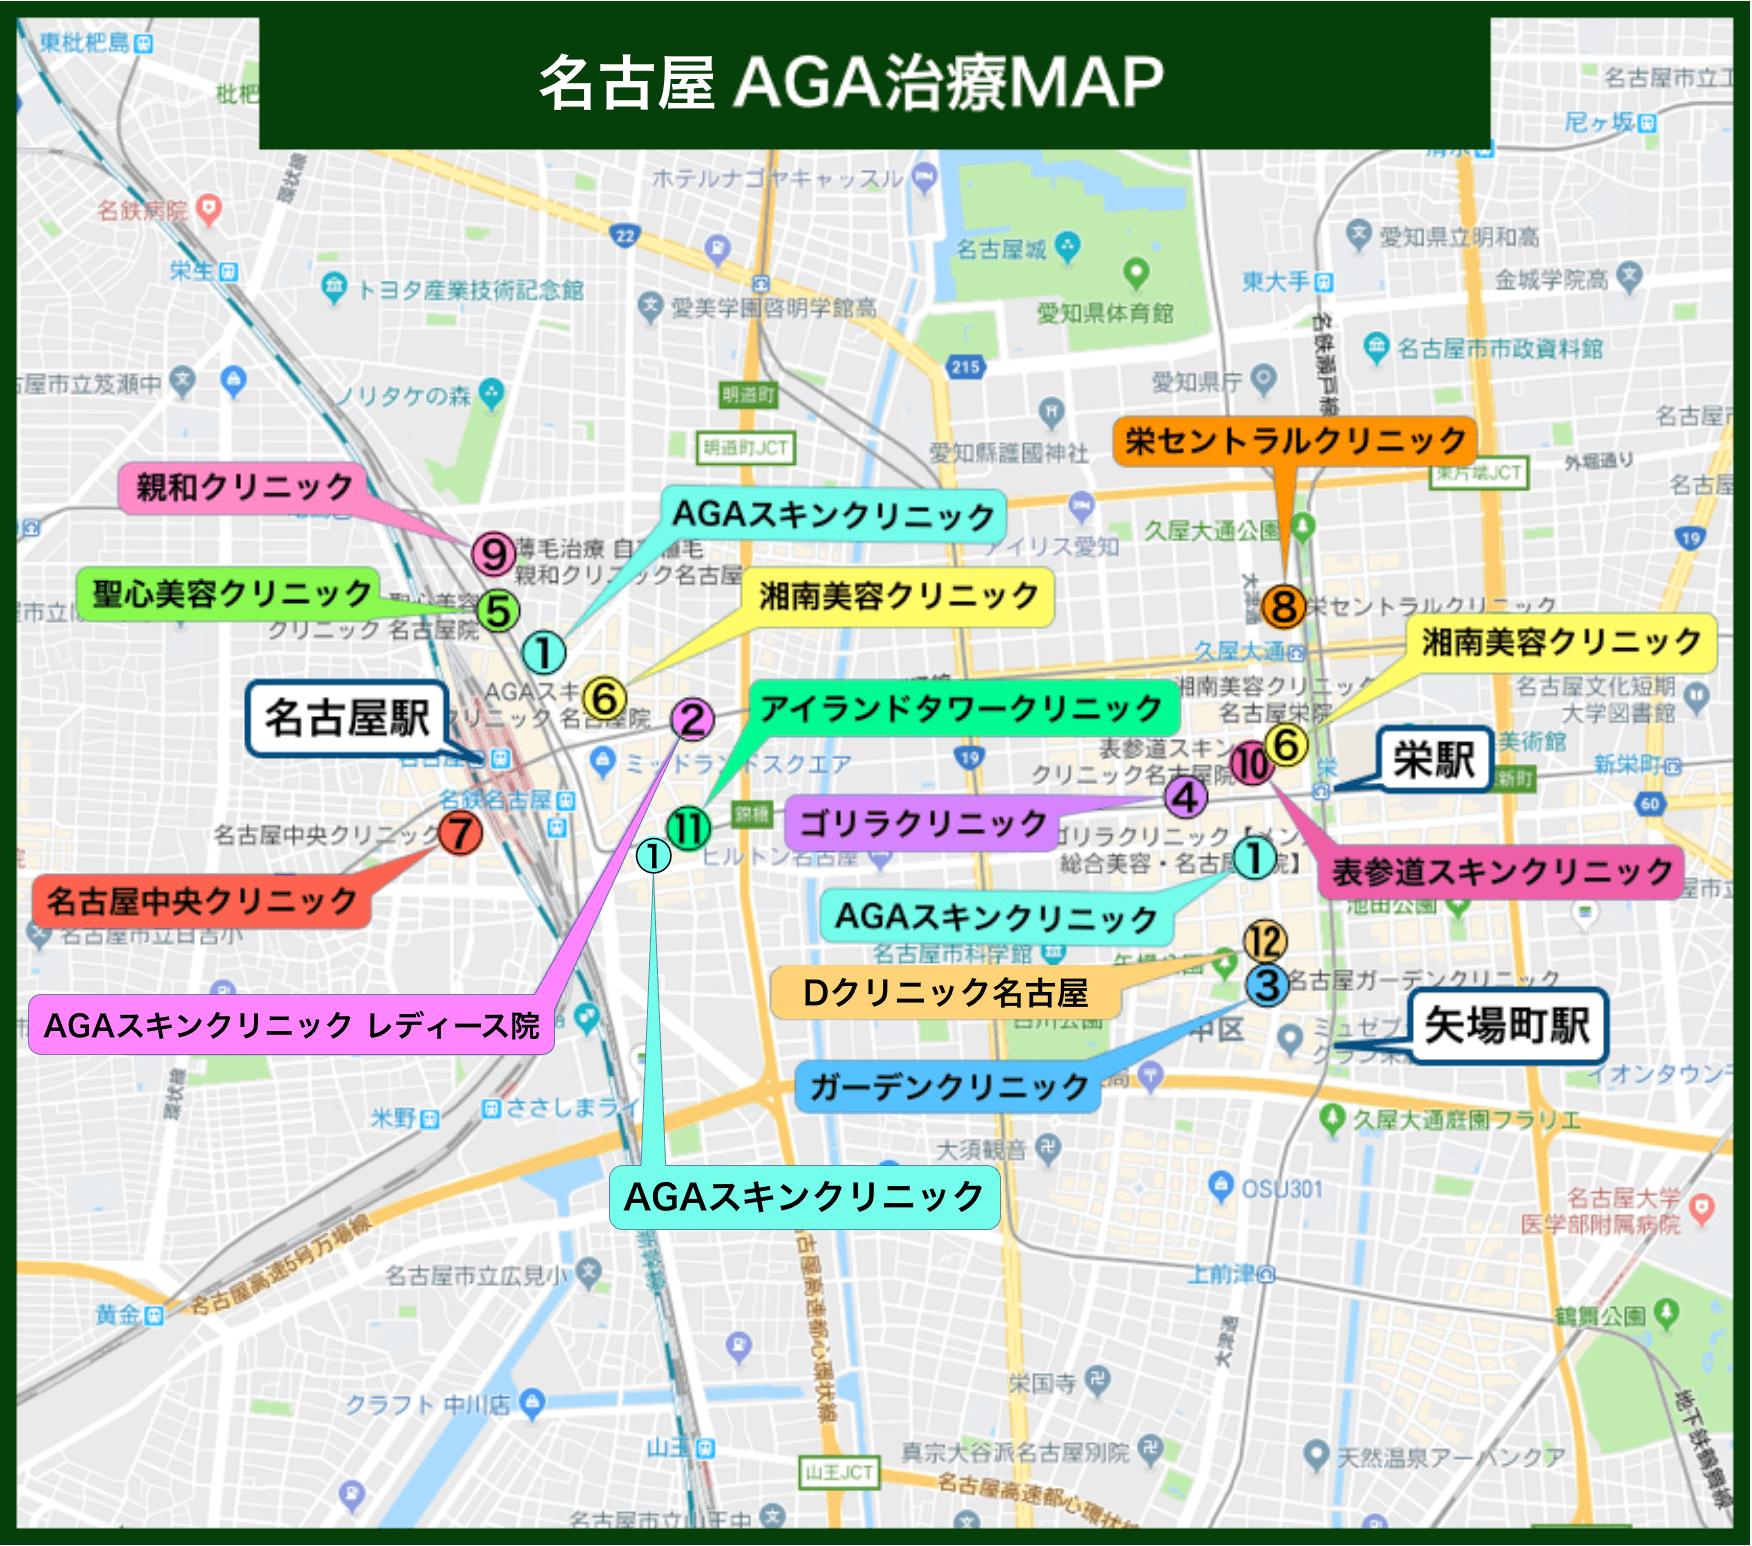 名古屋AGA治療MAP(2019年版)